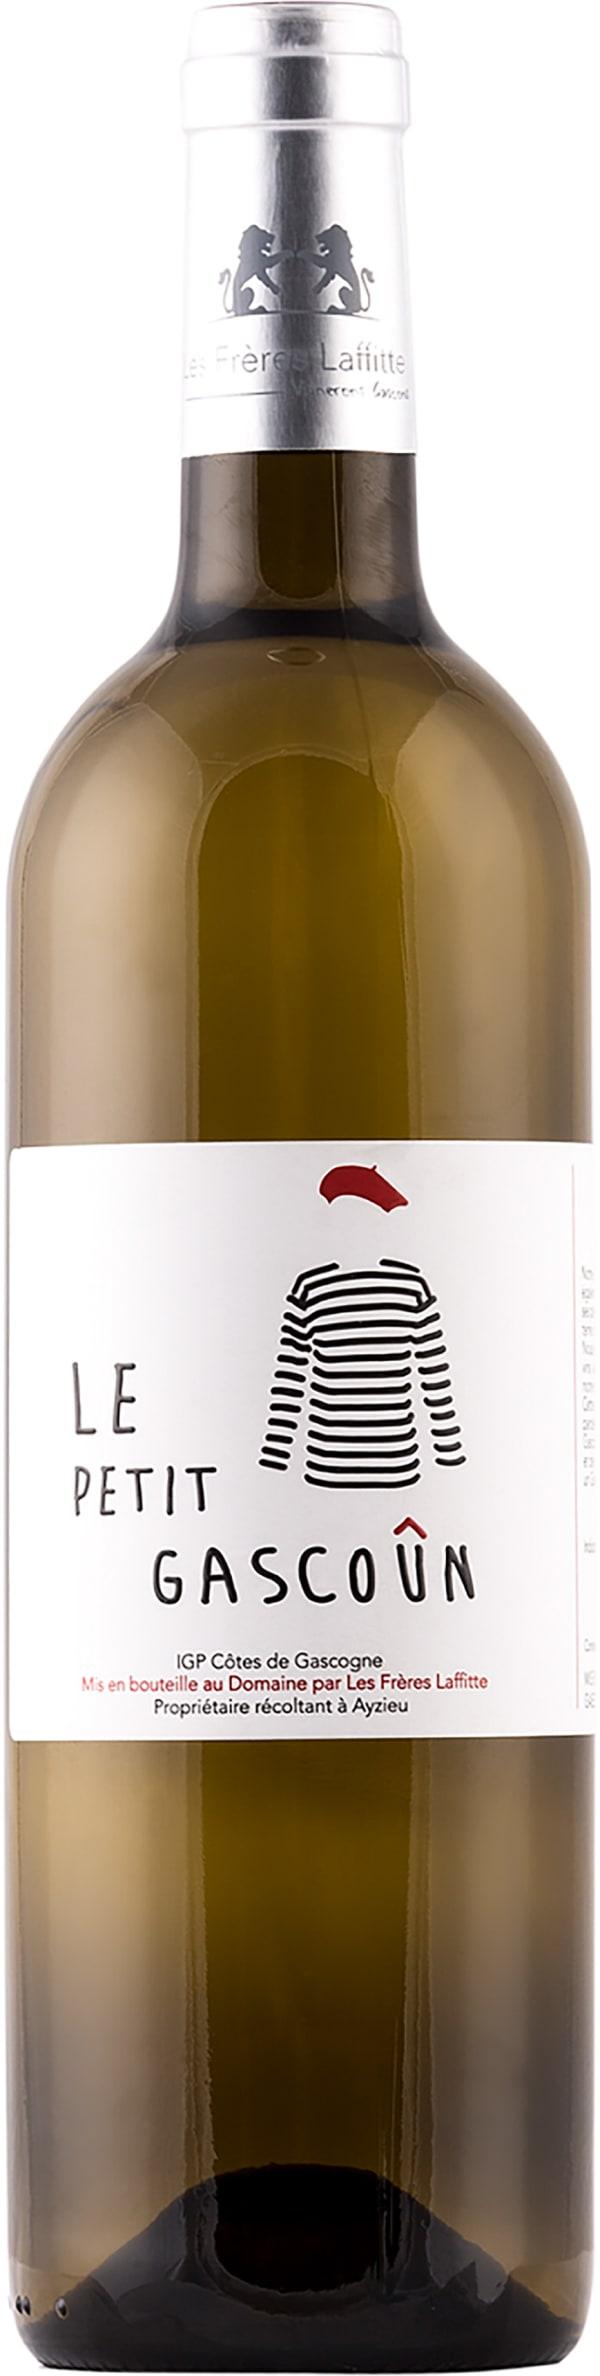 Le Petit Gascoûn Blanc 2019